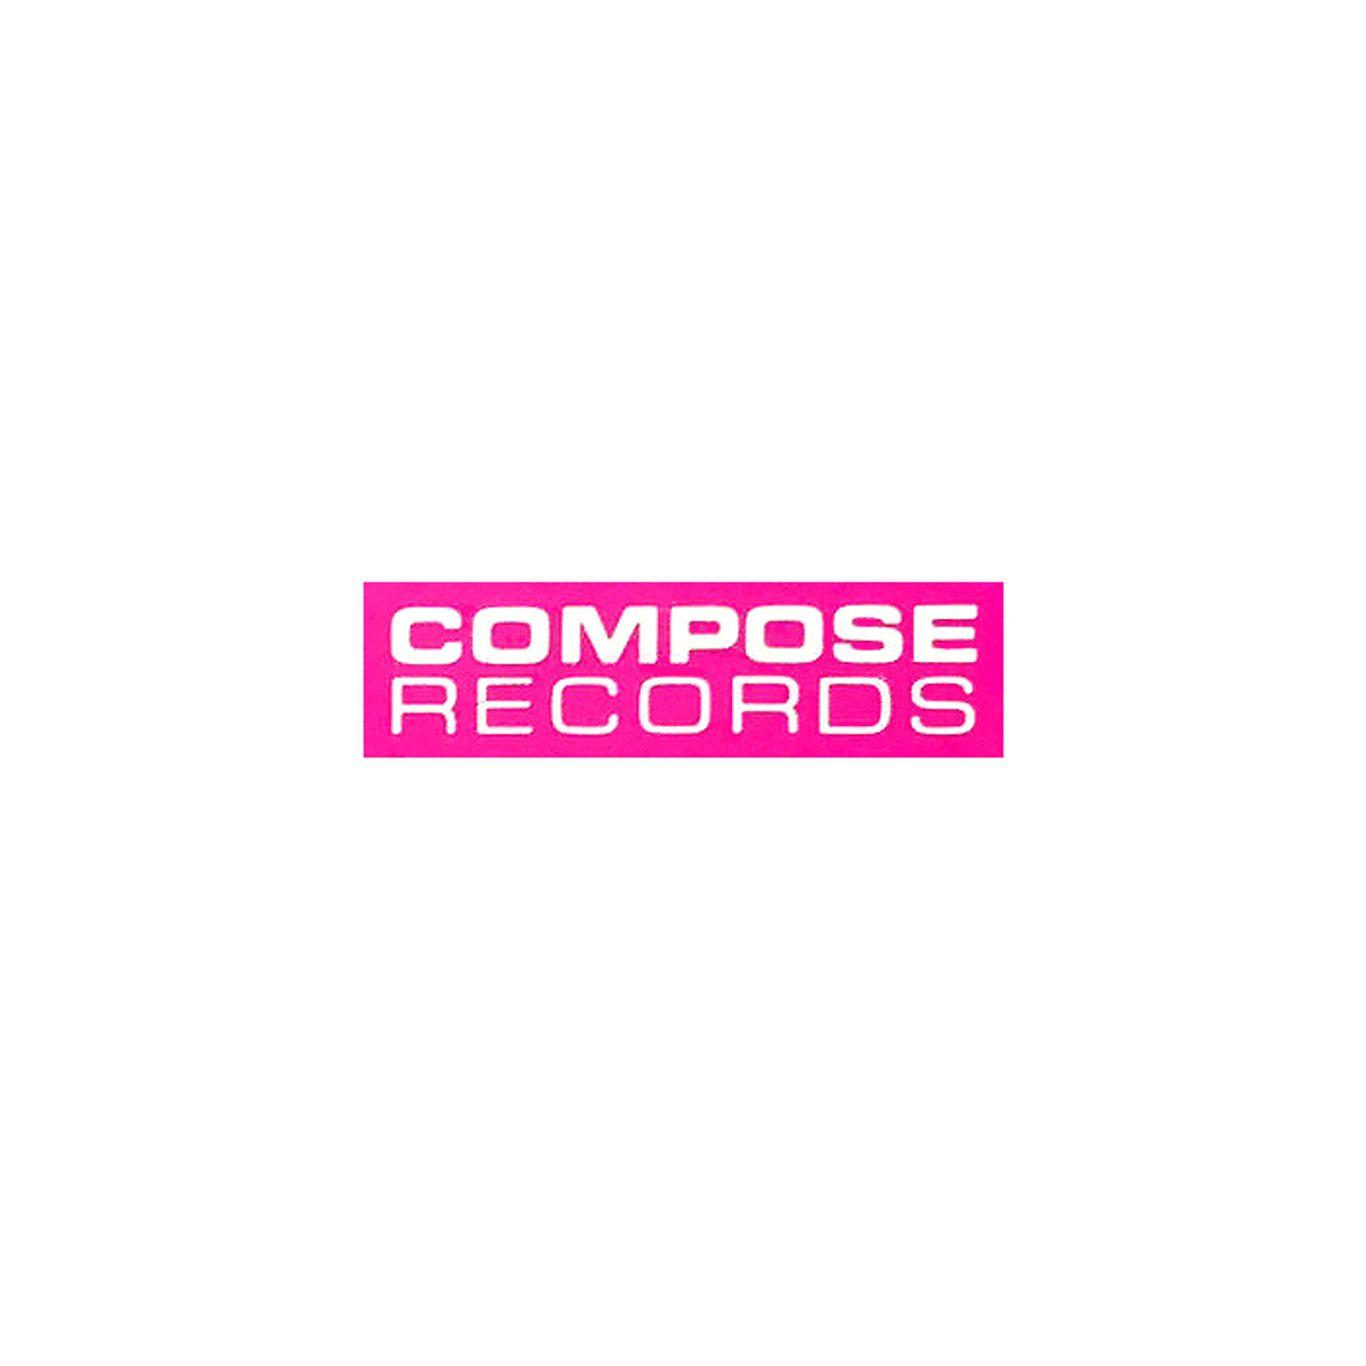 Compose Records